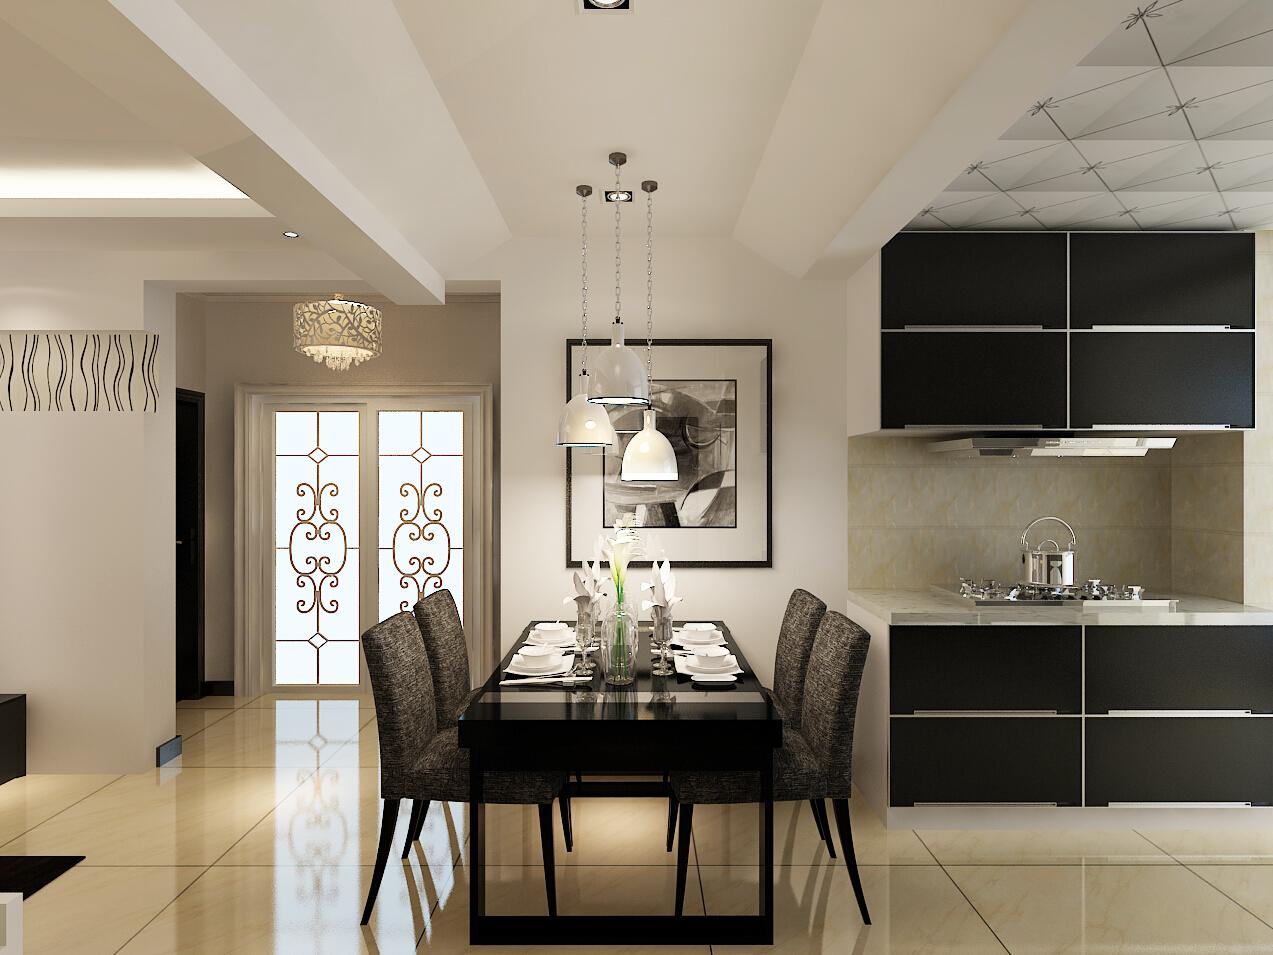 二居 澳海澜庭 现代风格 餐厅图片来自百家设计小刘在澳海澜庭85平现代风格全包65000的分享